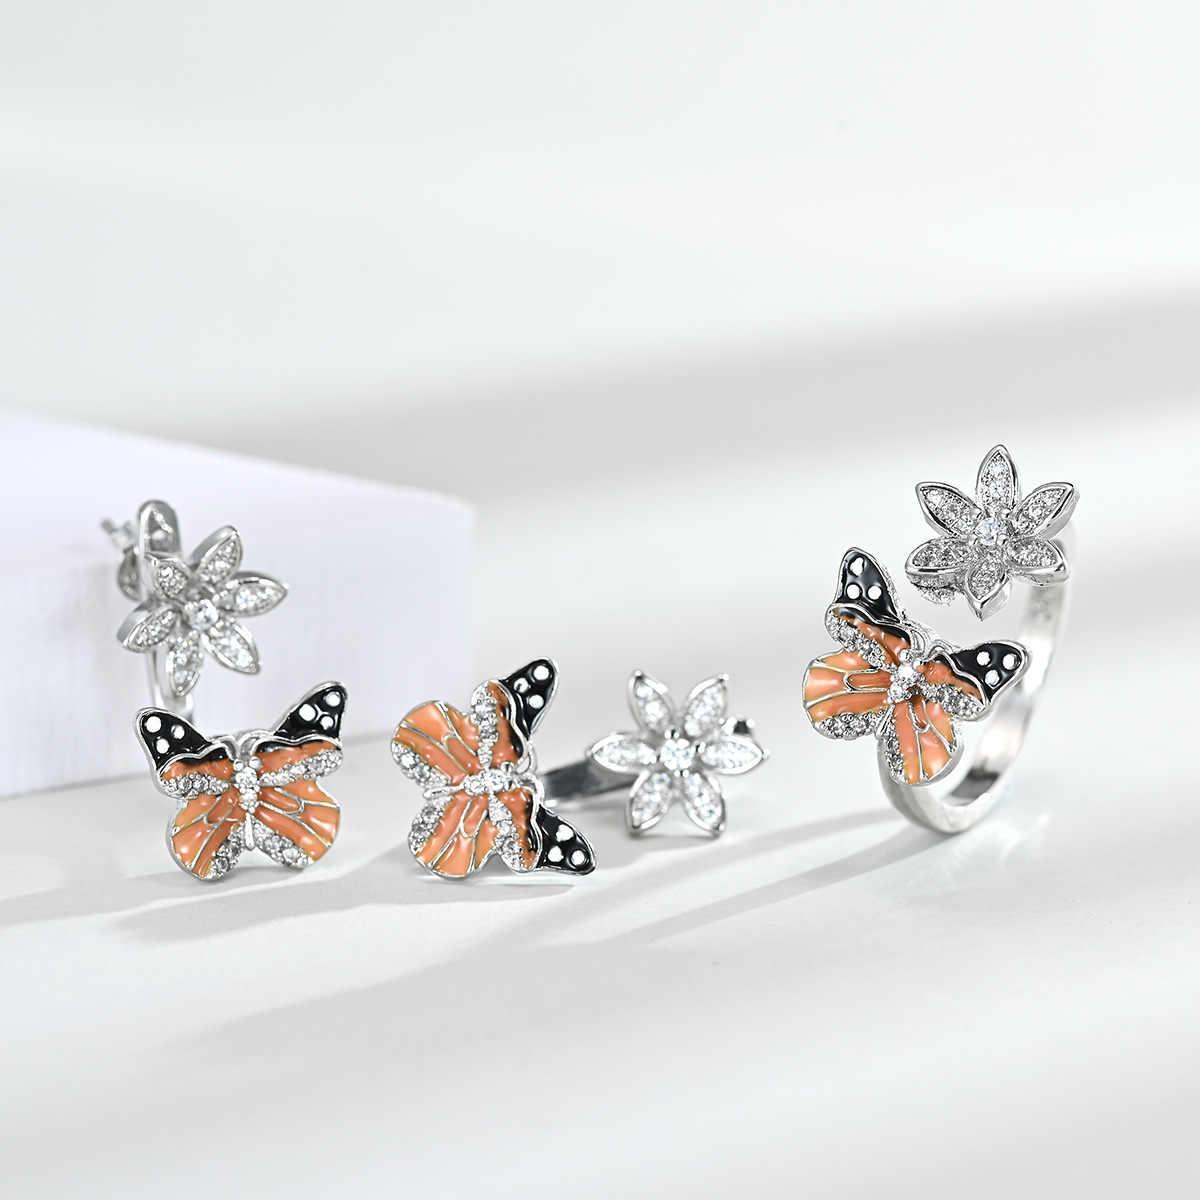 NPKDS 3Pcsแฟชั่นZircon Leaf Shapeแหวนต่างหูBohemianผู้หญิงเครื่องประดับงานแต่งงาน